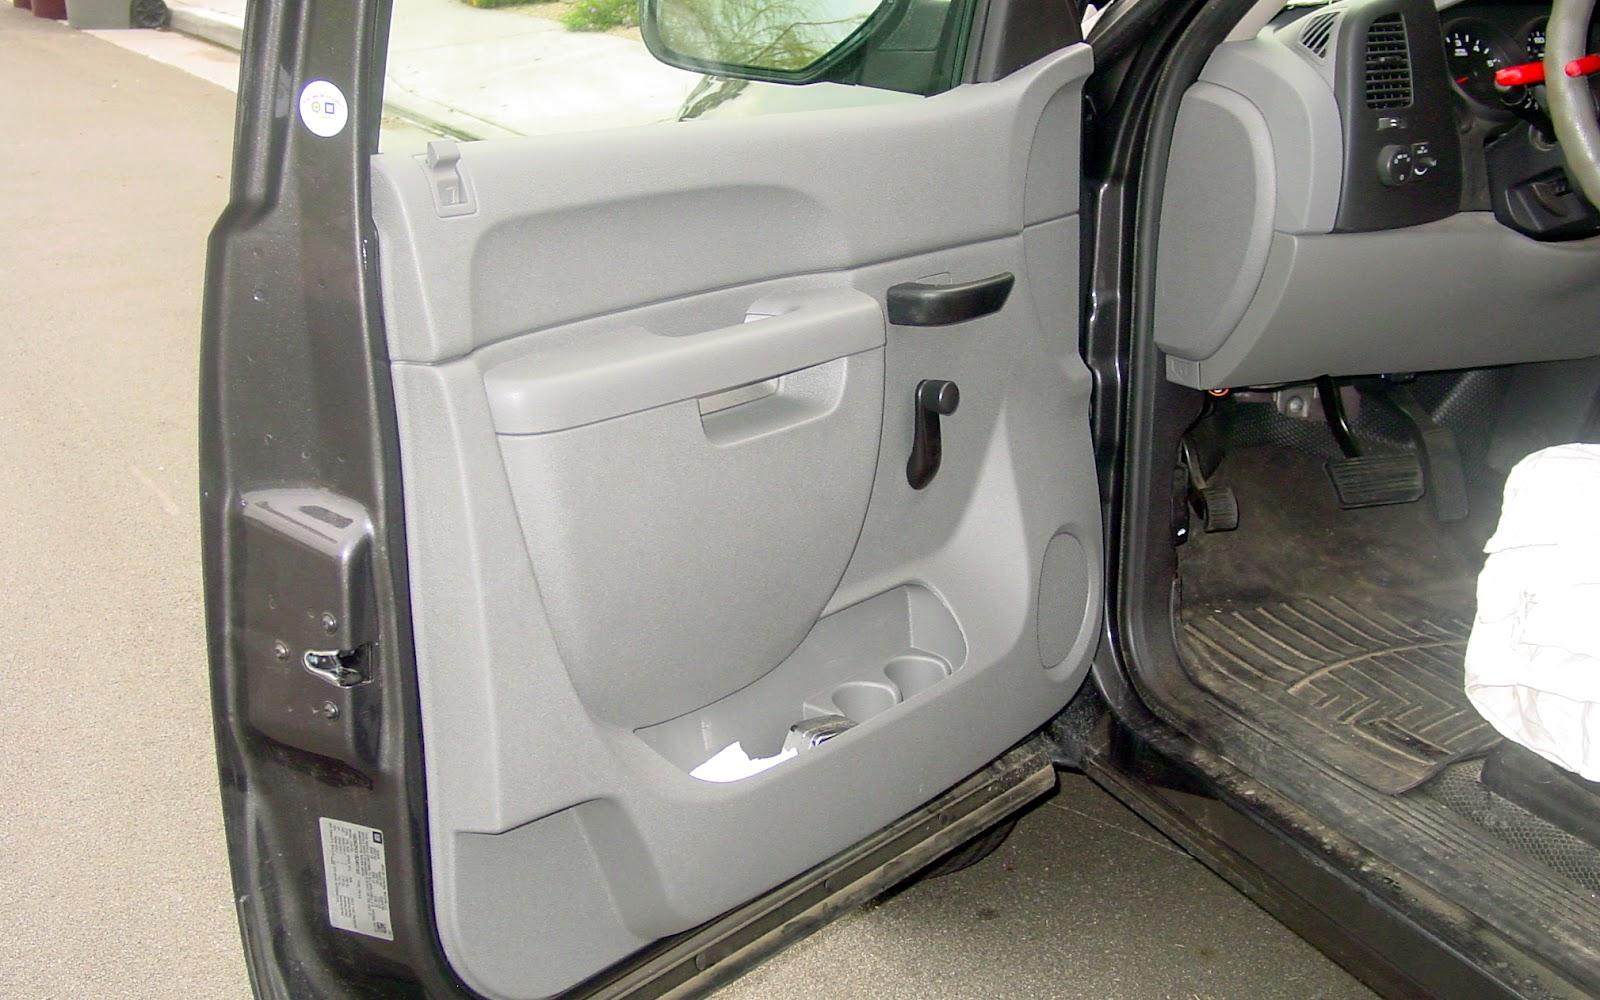 2011 chevy silverado door handle broke autos post 2012 chevy silverado interior door handle